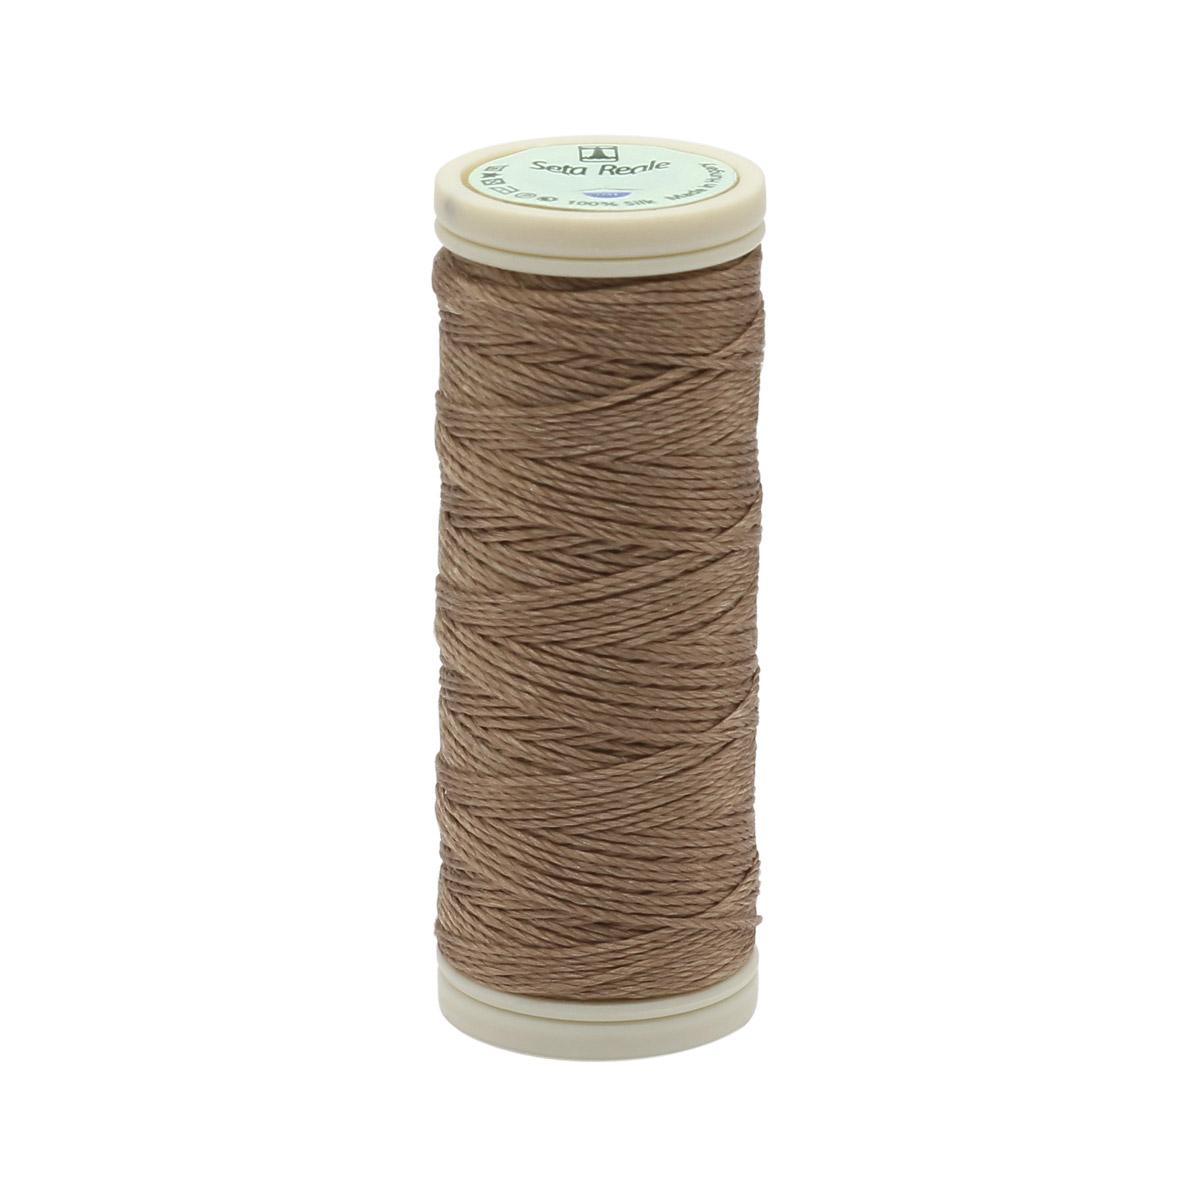 4551030-00321 Нитки швейные Seta Reale 20 м.